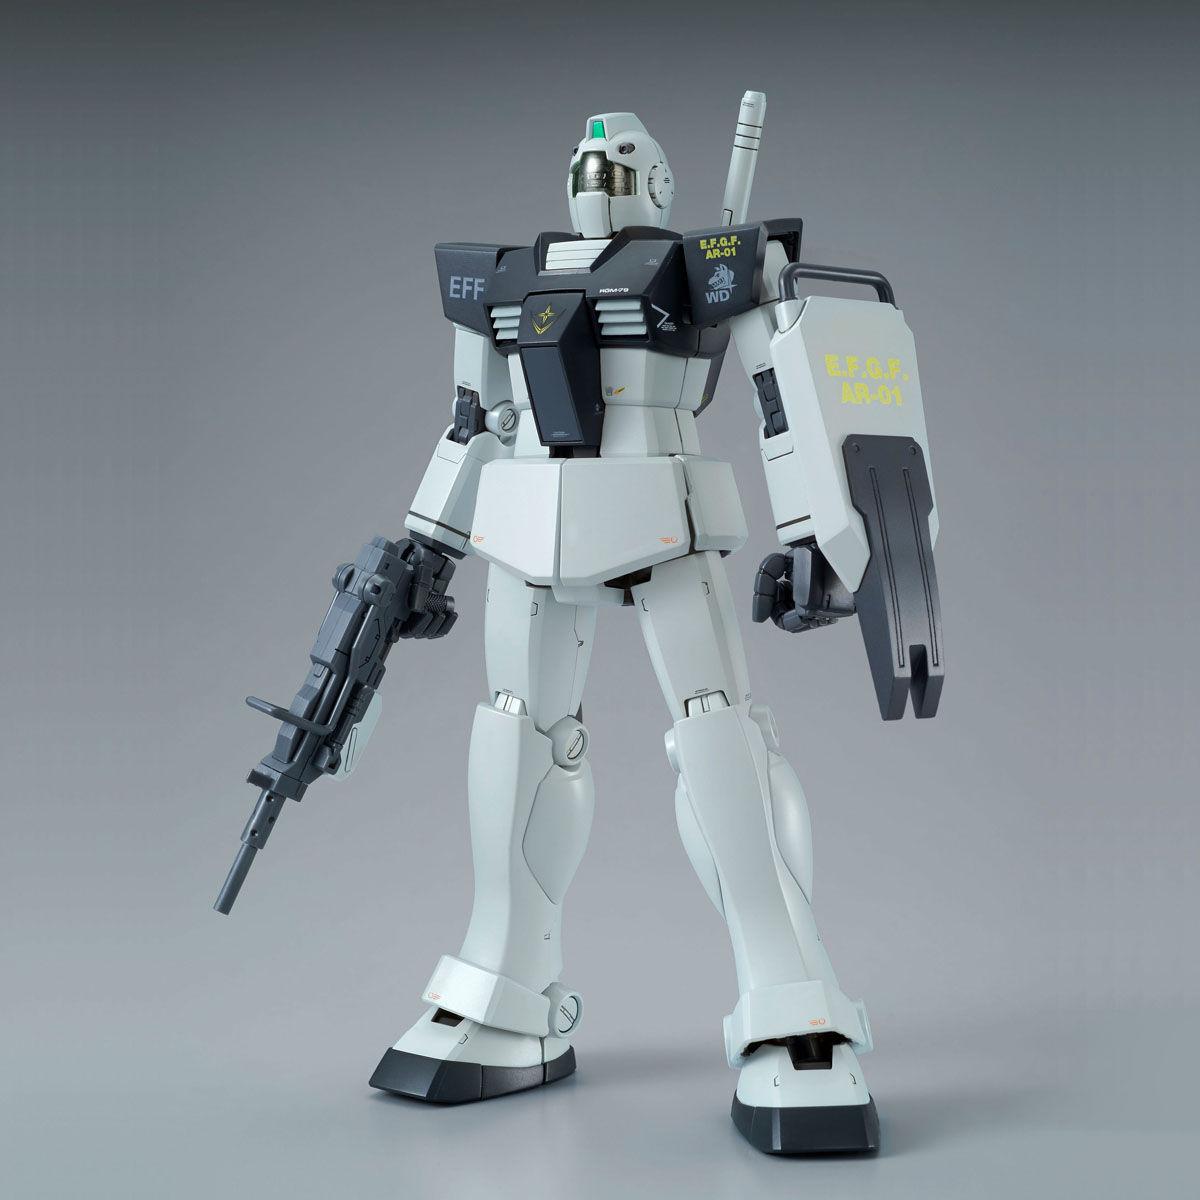 RGM-79 ジム [ホワイト・ディンゴ隊仕様機]